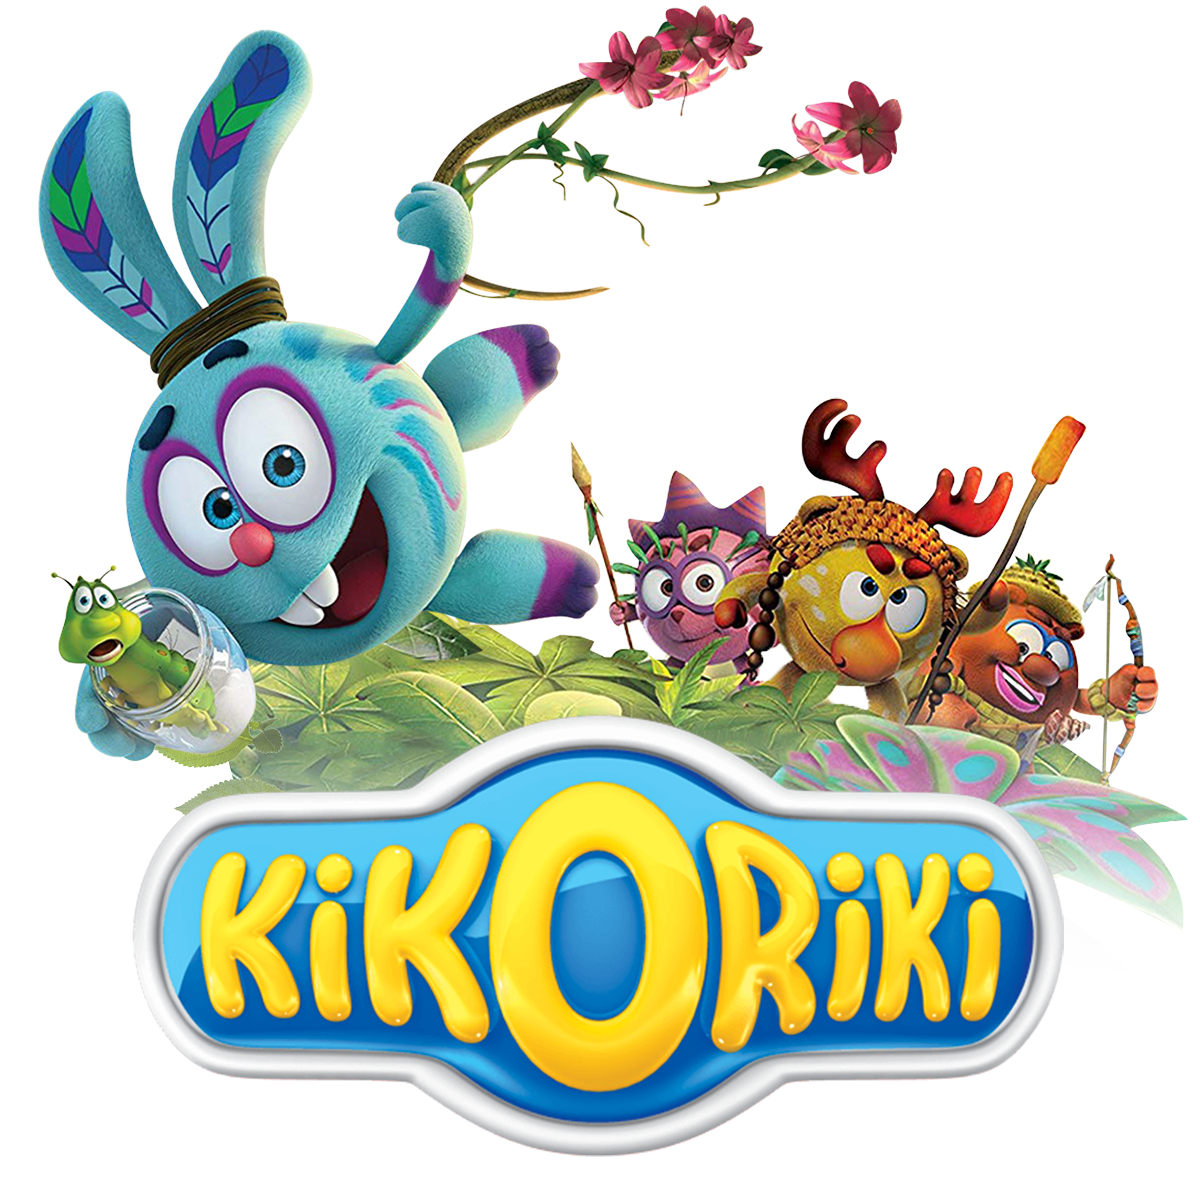 KikoRiki